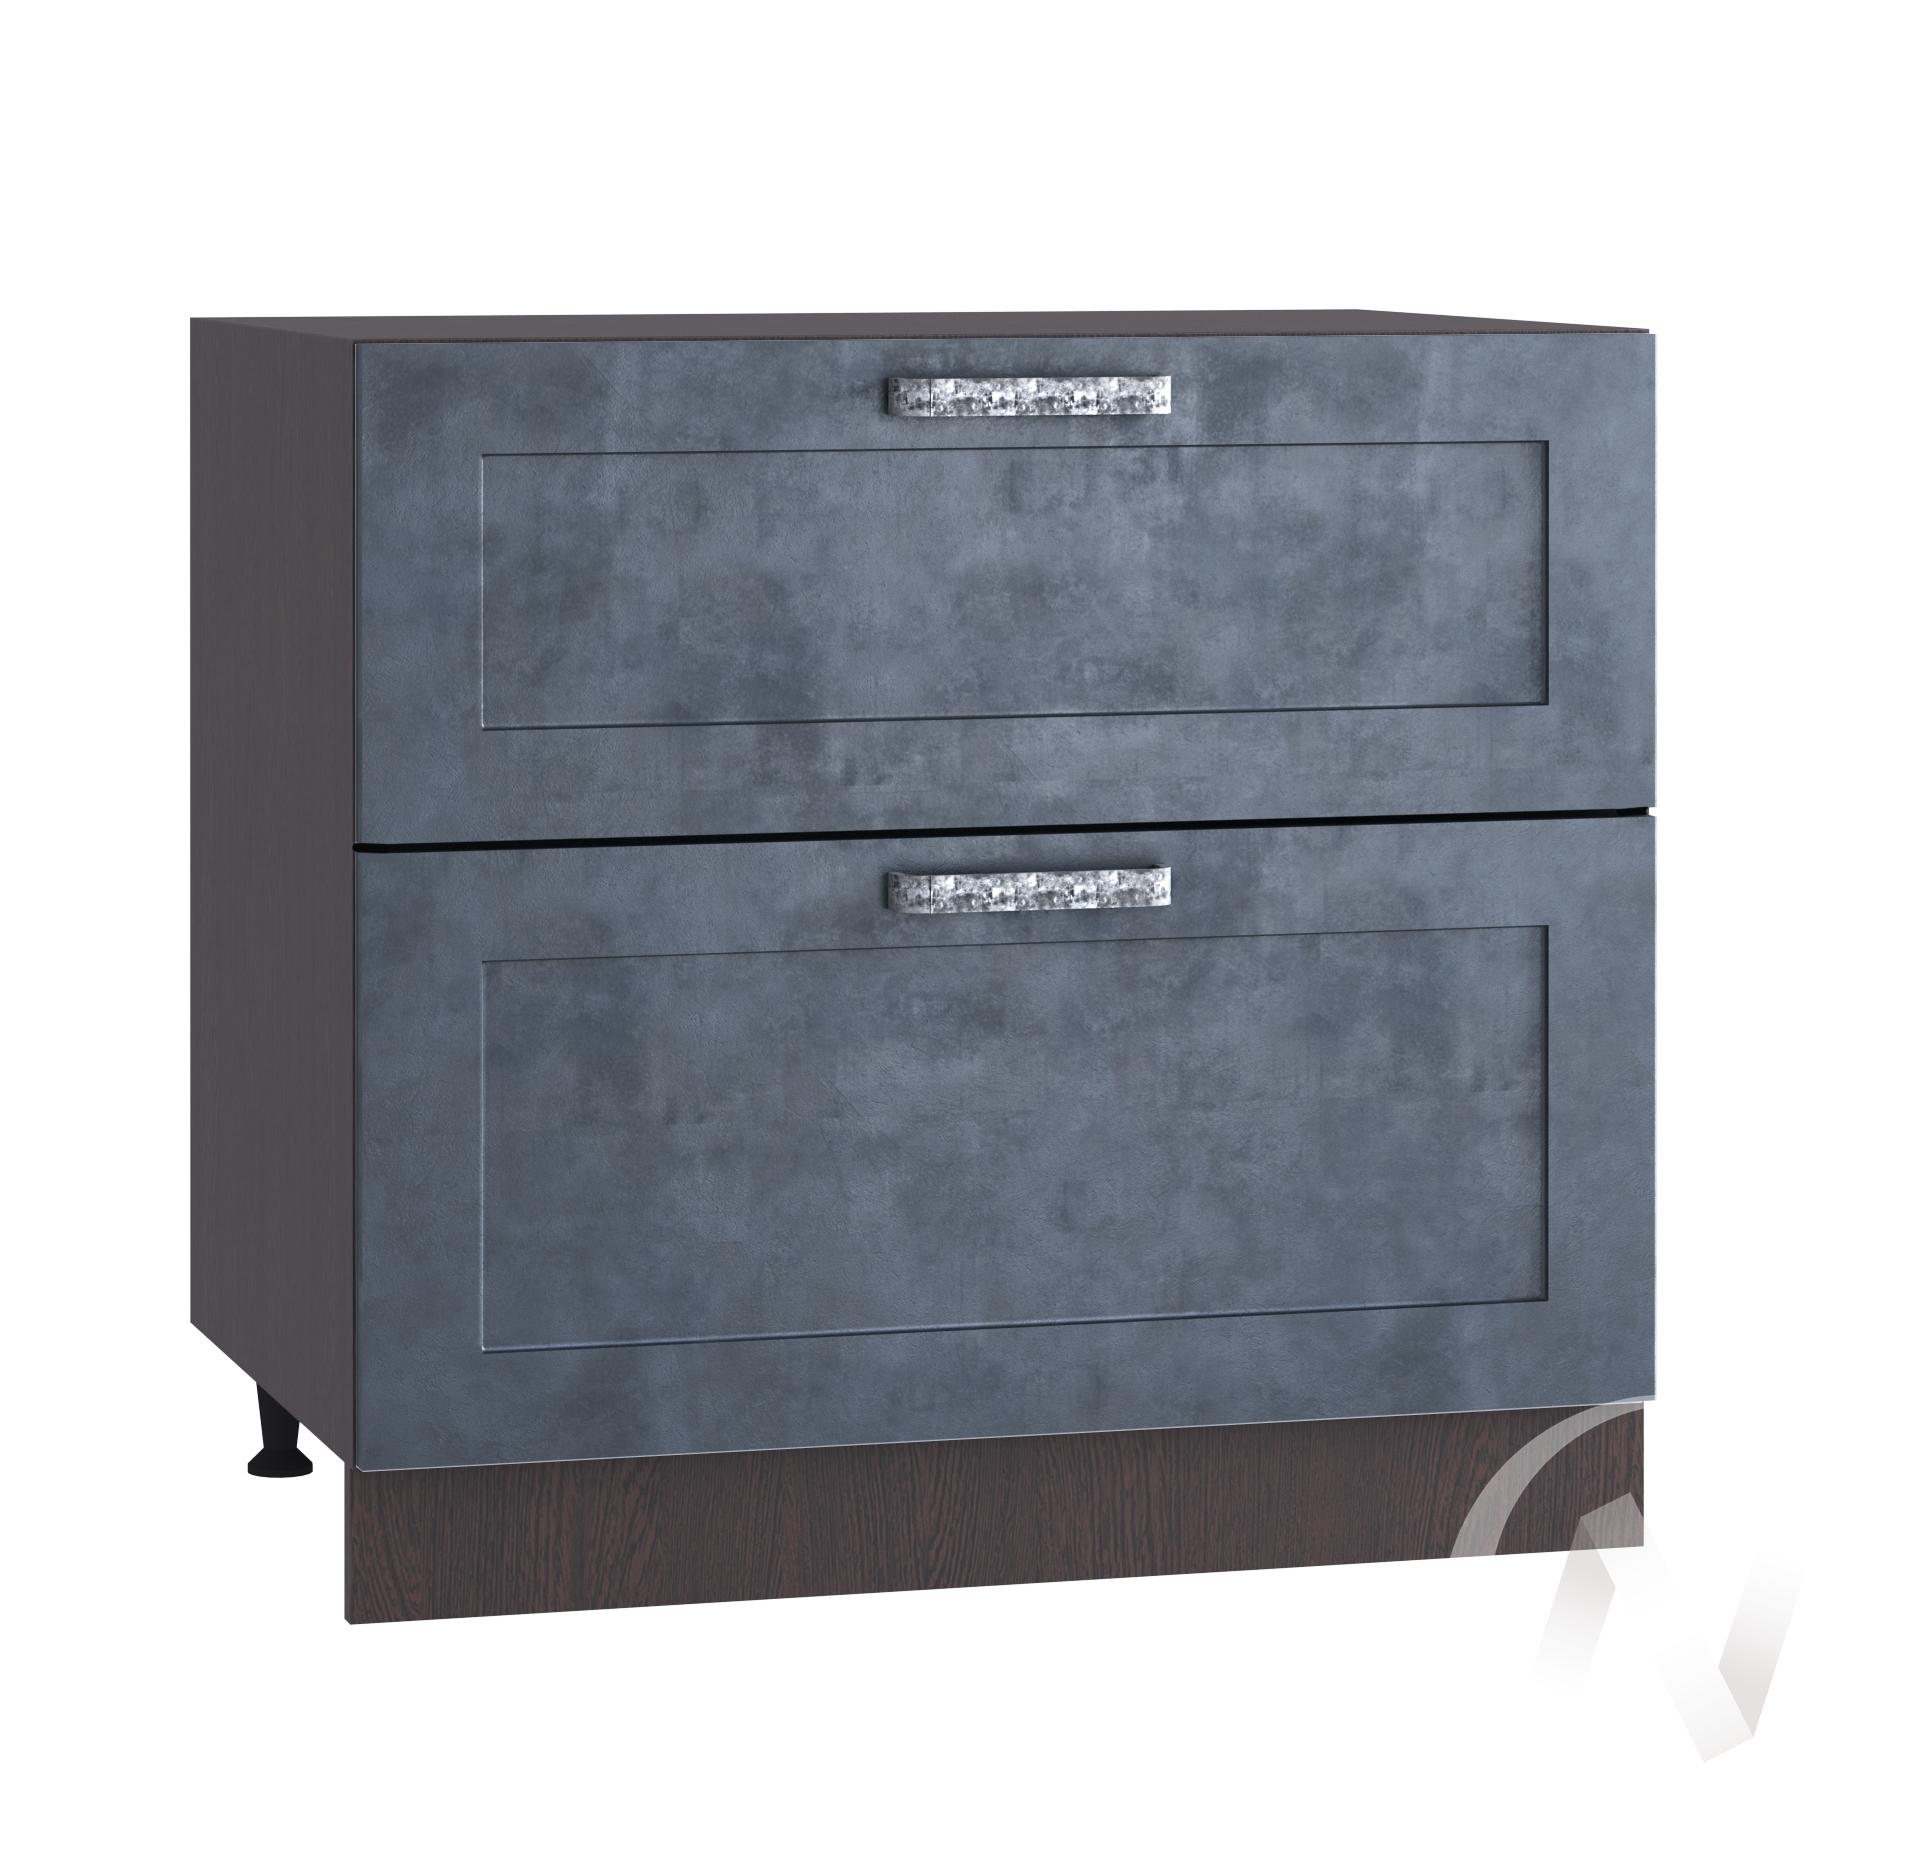 """Кухня """"Лофт"""": Шкаф нижний с 2-мя ящиками 800, ШН2Я 800 (Бетон графит/корпус венге)"""